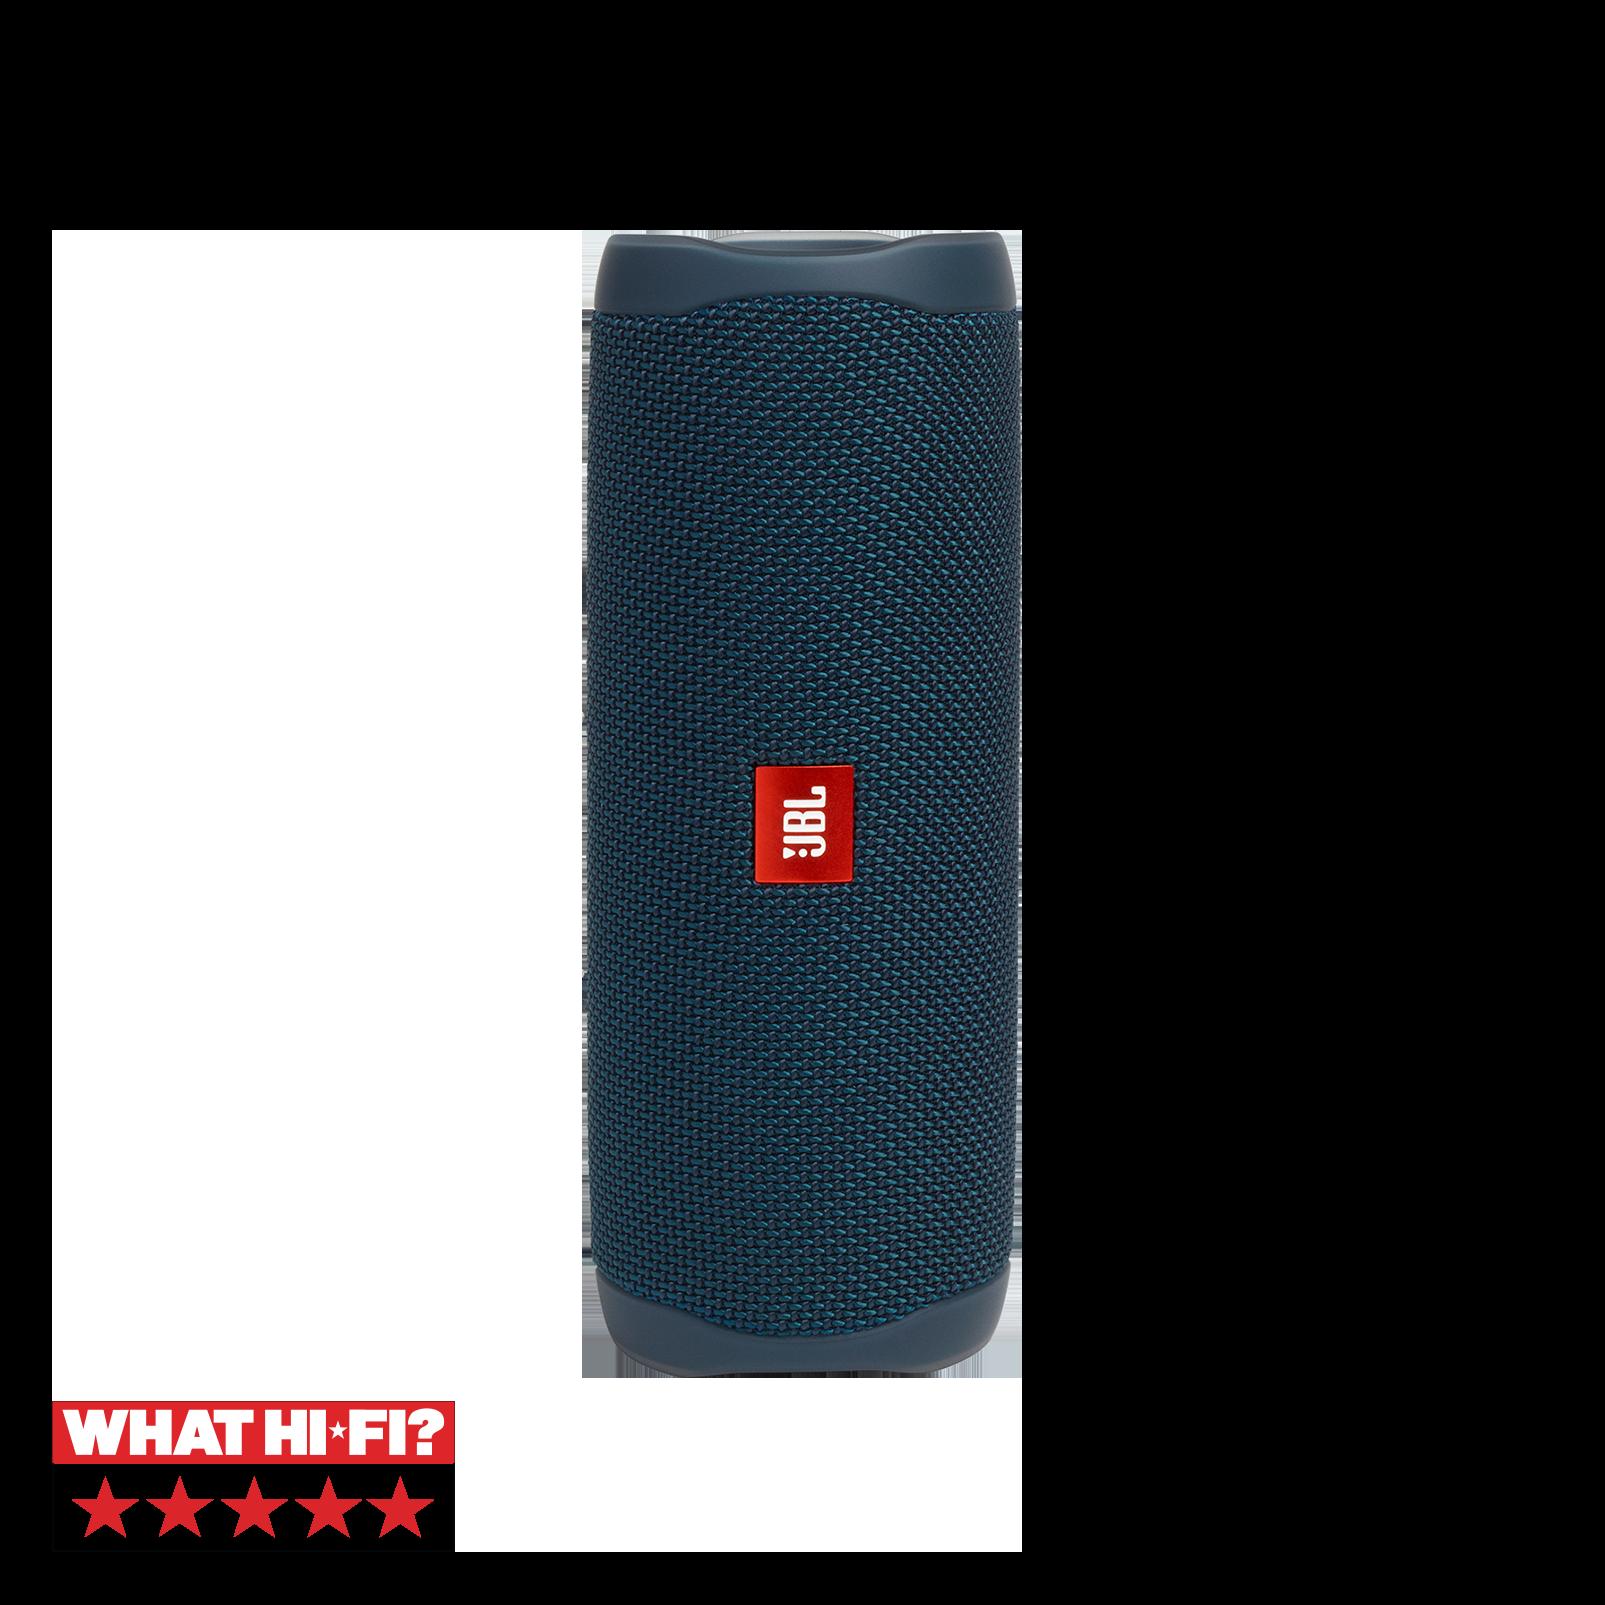 جي بي ال فليب 5 - أزرق - مكبر صوت محمول مضاد للماء - هيرو